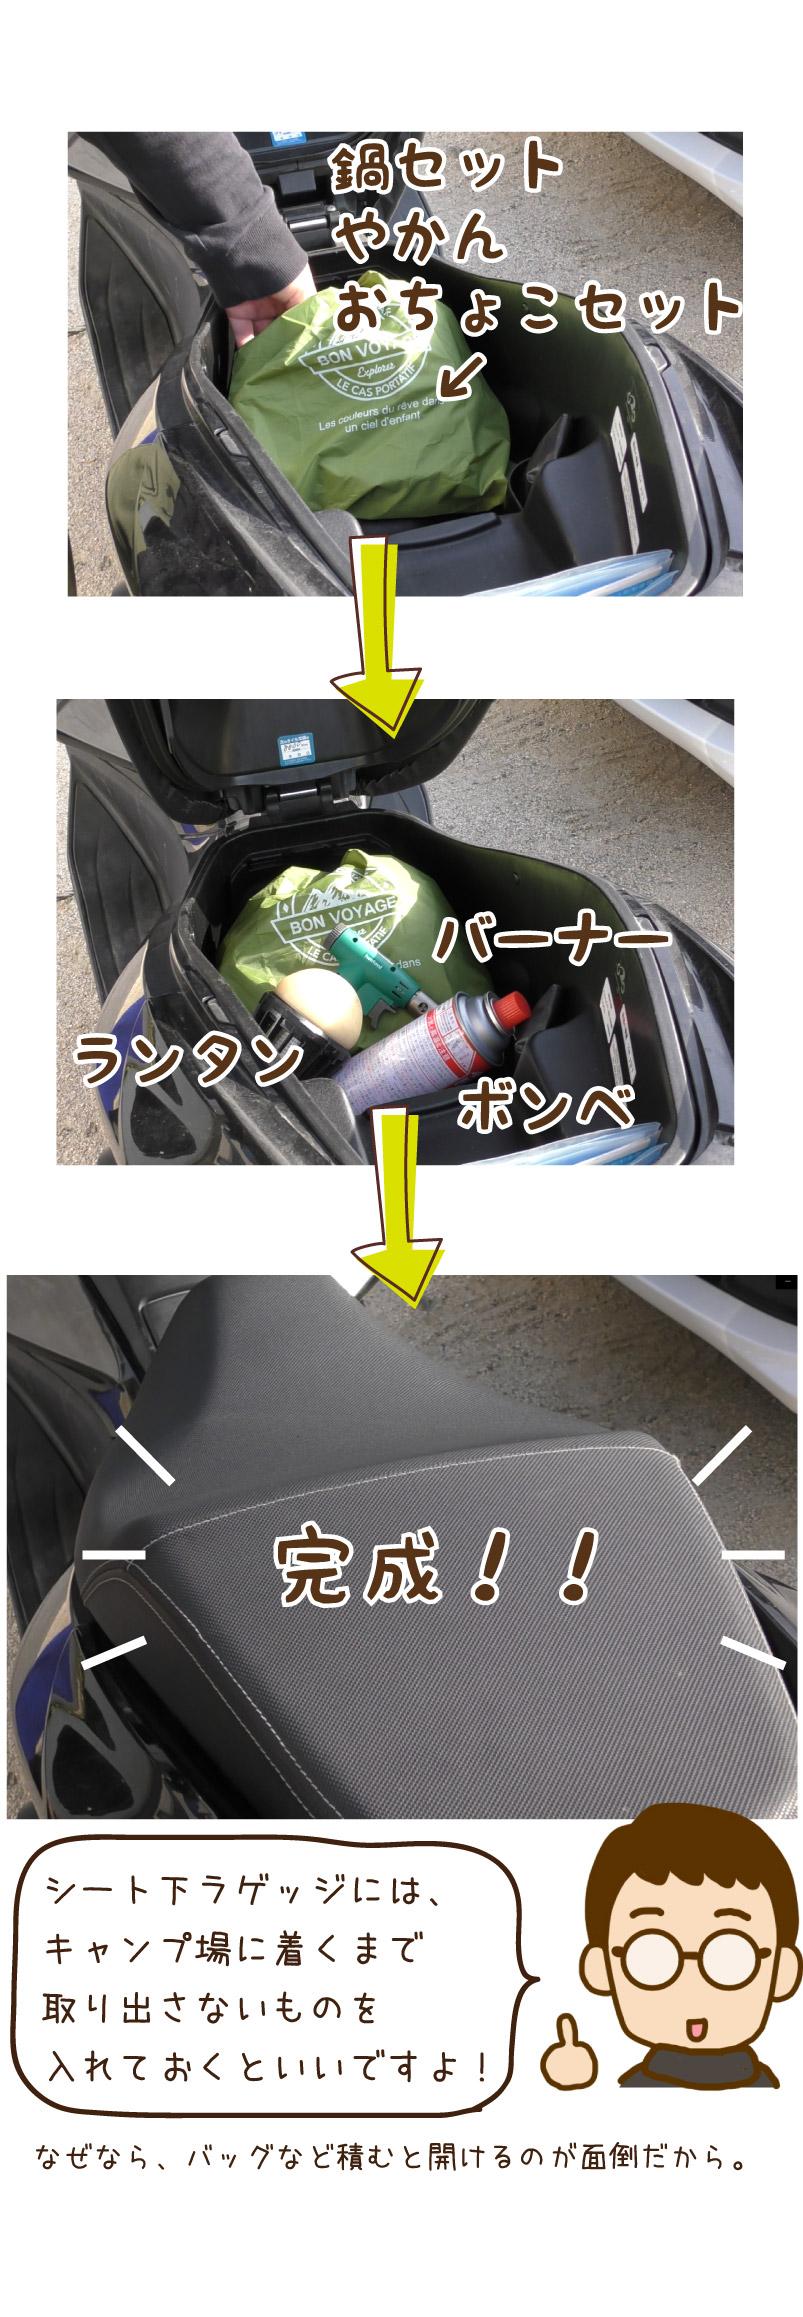 座席下収納に荷物を積む順番